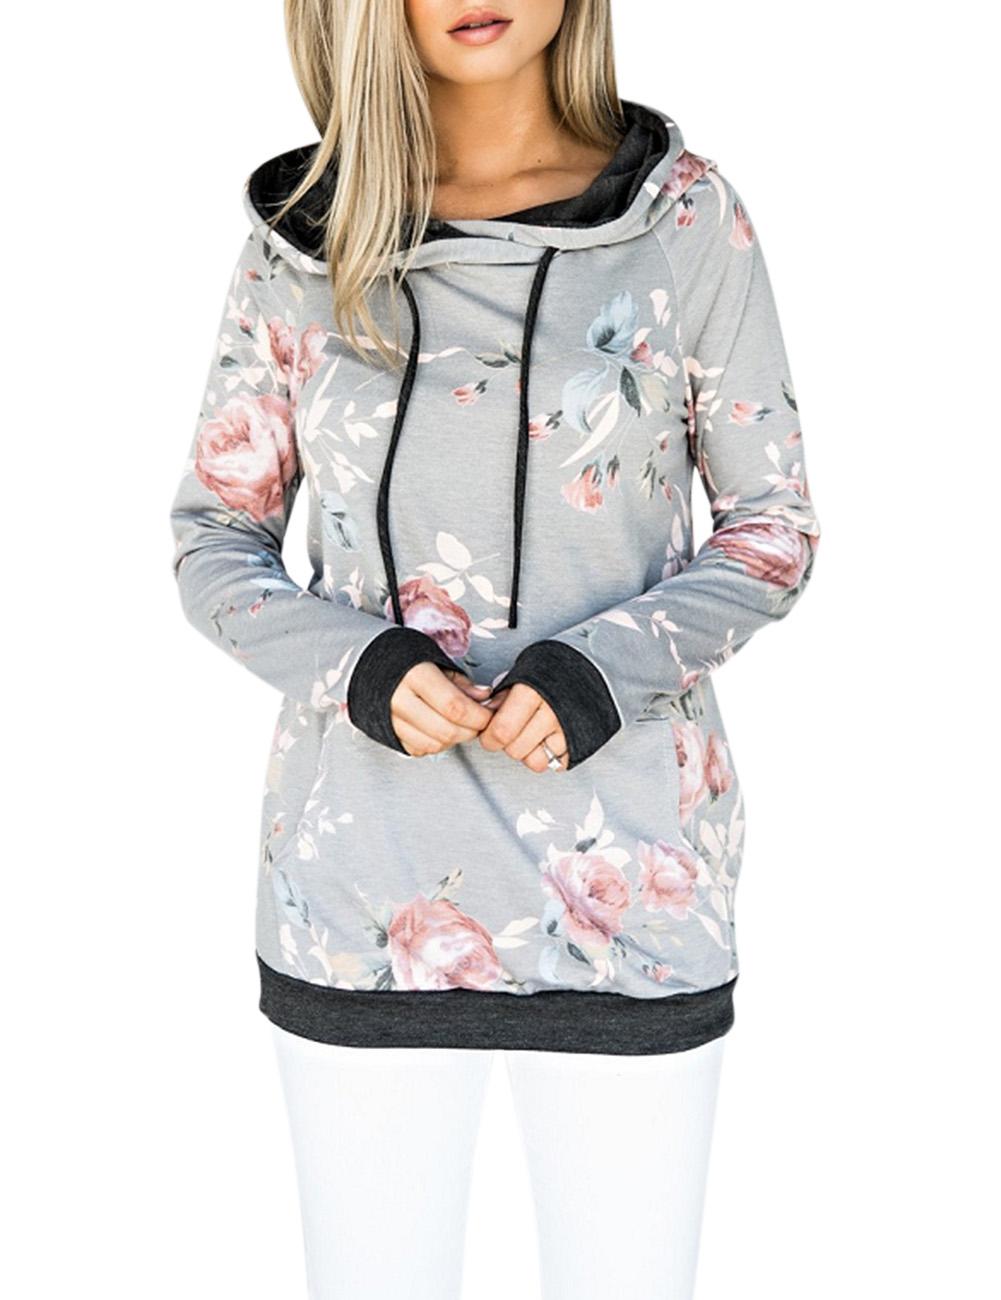 Women Elegant Chic Flower Printing Sweatshirt Hooded Long Sleeve Tops